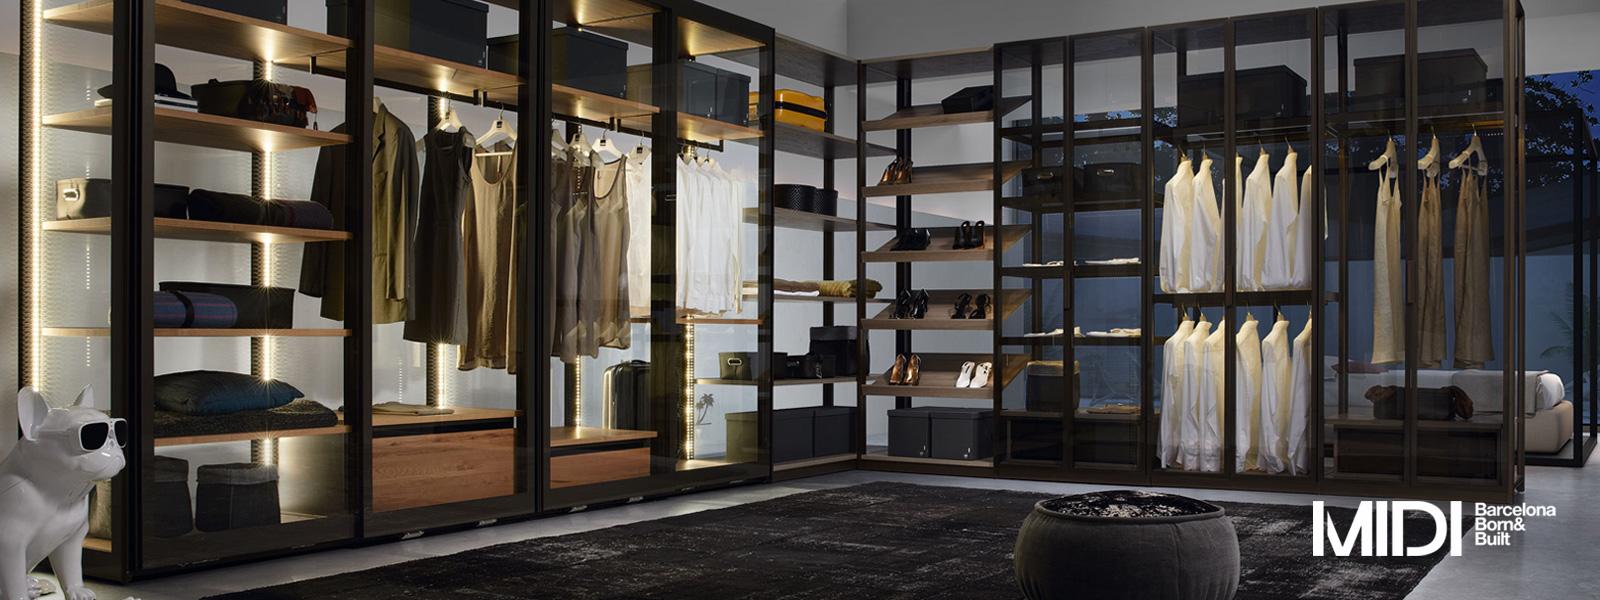 aramaris-vestidors-sistema-midi-tresestudi-cuines-fusteria-parquets--portes-armaris-andorra